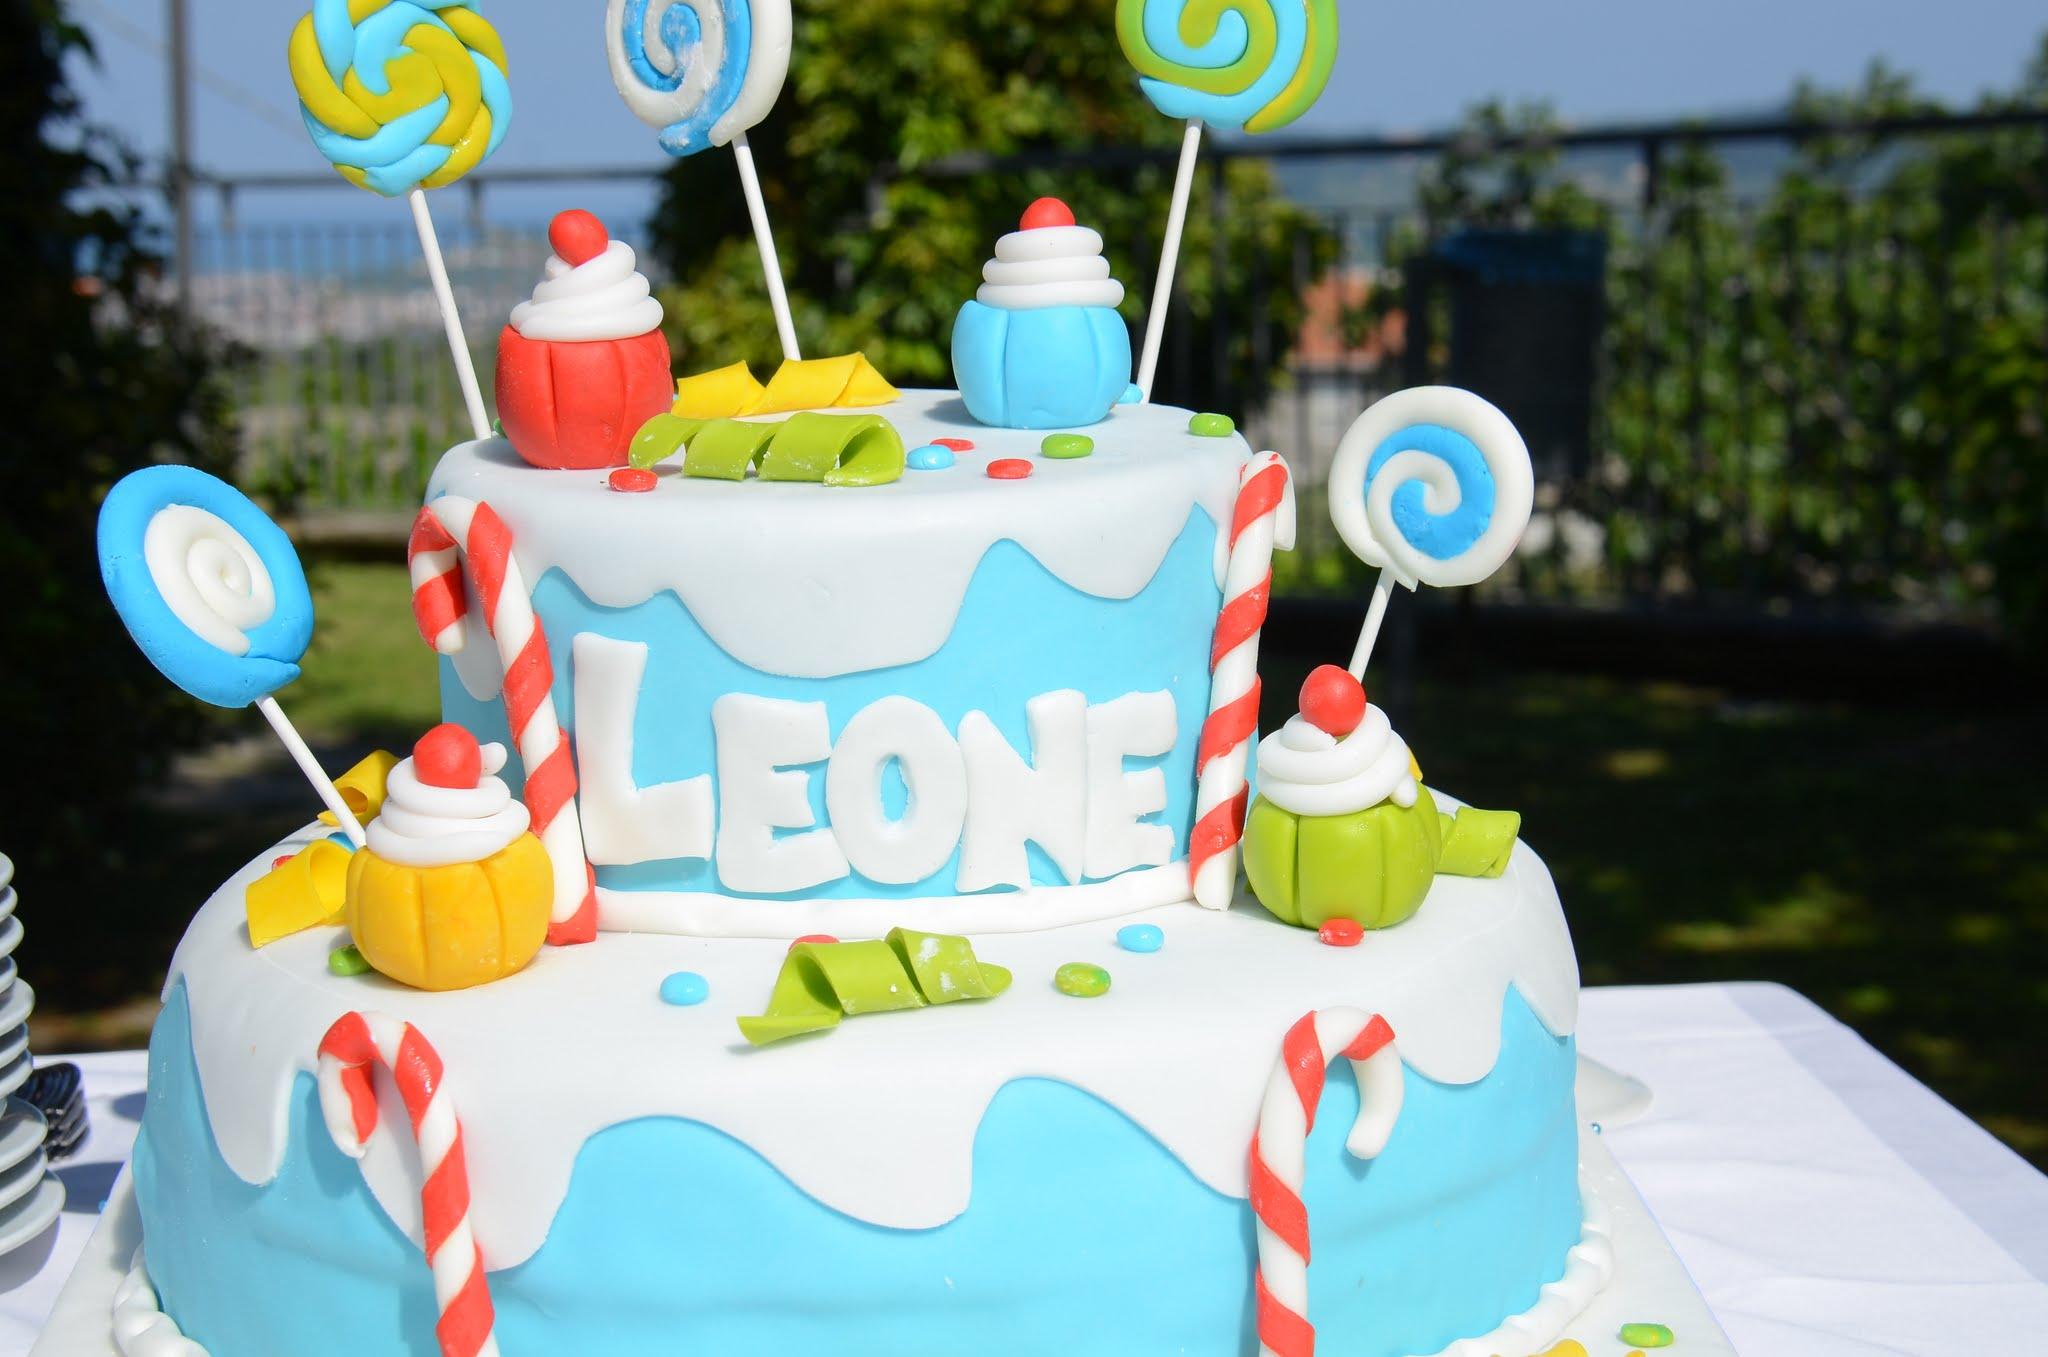 Regalo Primo Compleanno Nipotino regali primo compleanno: le migliori idee – mammachefiglio.it